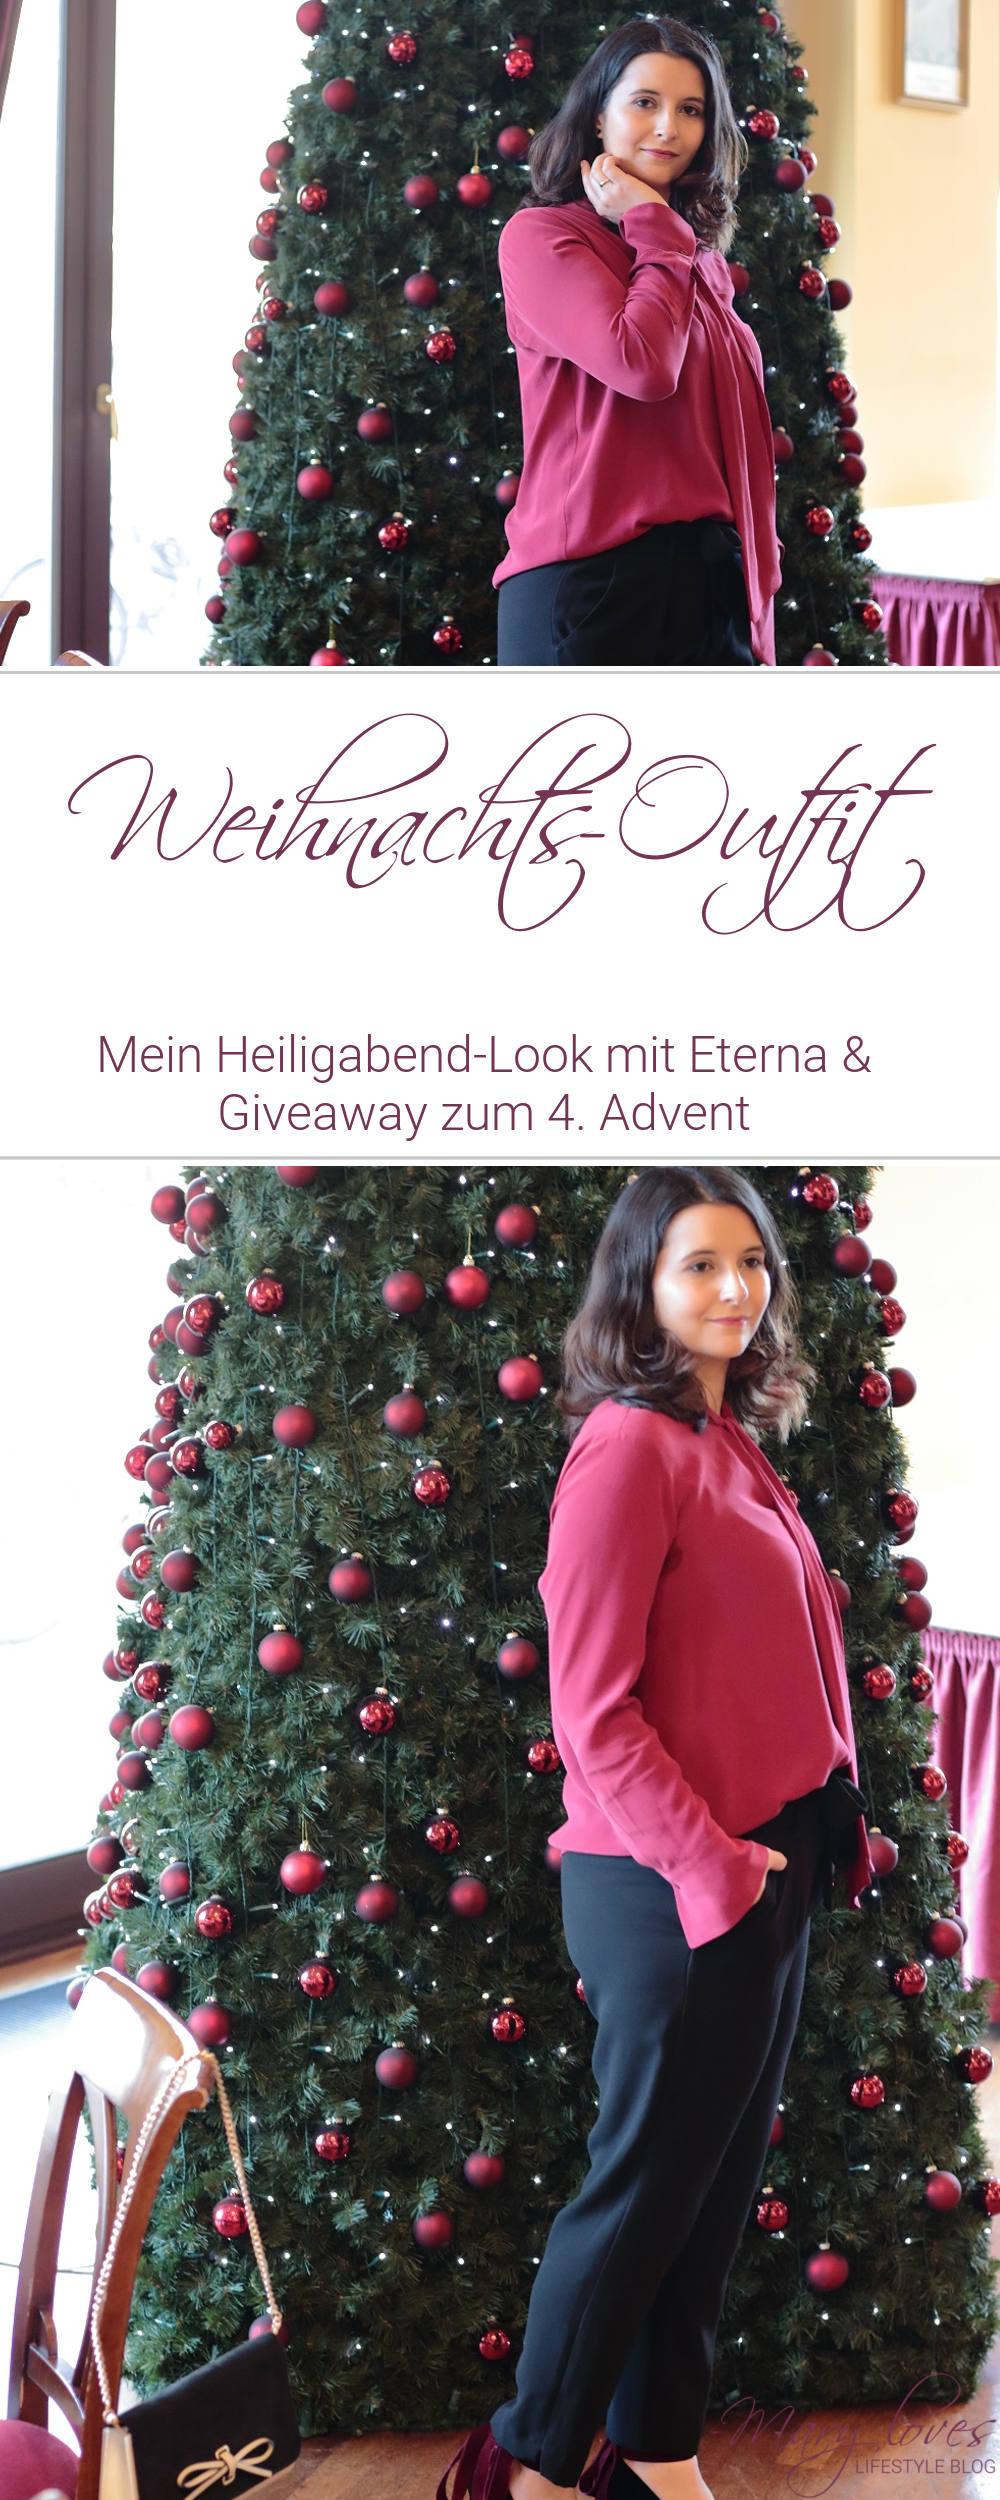 [Anzeige] Weihnachts-Outfit - Mein Heiligabend-Look mit Eterna & Giveaway zum 4. Advent - #eterna #outfit #weihnachtsoutfit #heiligabendlook